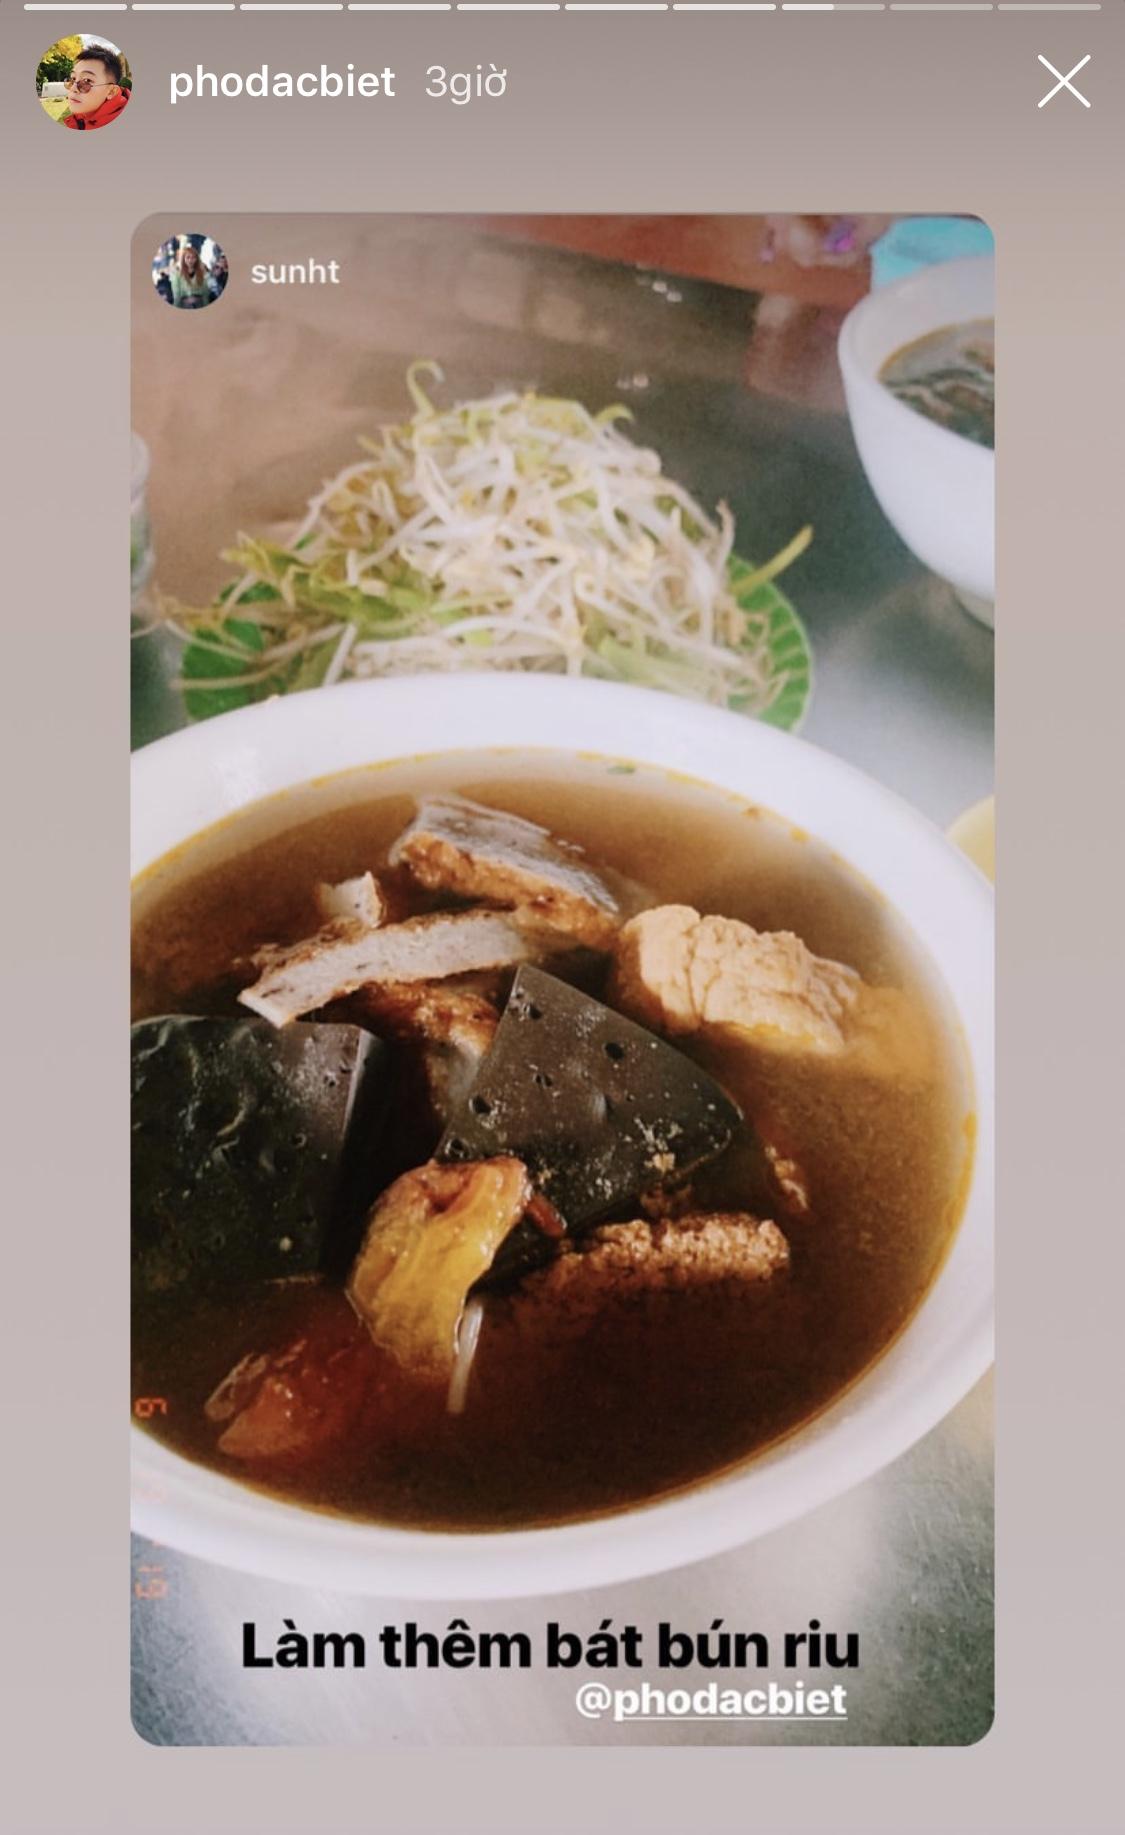 Ô! Chi Pu với hội bạn thân Quỳnh Anh Shyn - Phở - Sun HT du lịch Côn Đảo 3 ngày mà toàn thấy... ăn với ăn, đến khi về vẫn còn hẹn nhau làm bữa nữa - Ảnh 7.